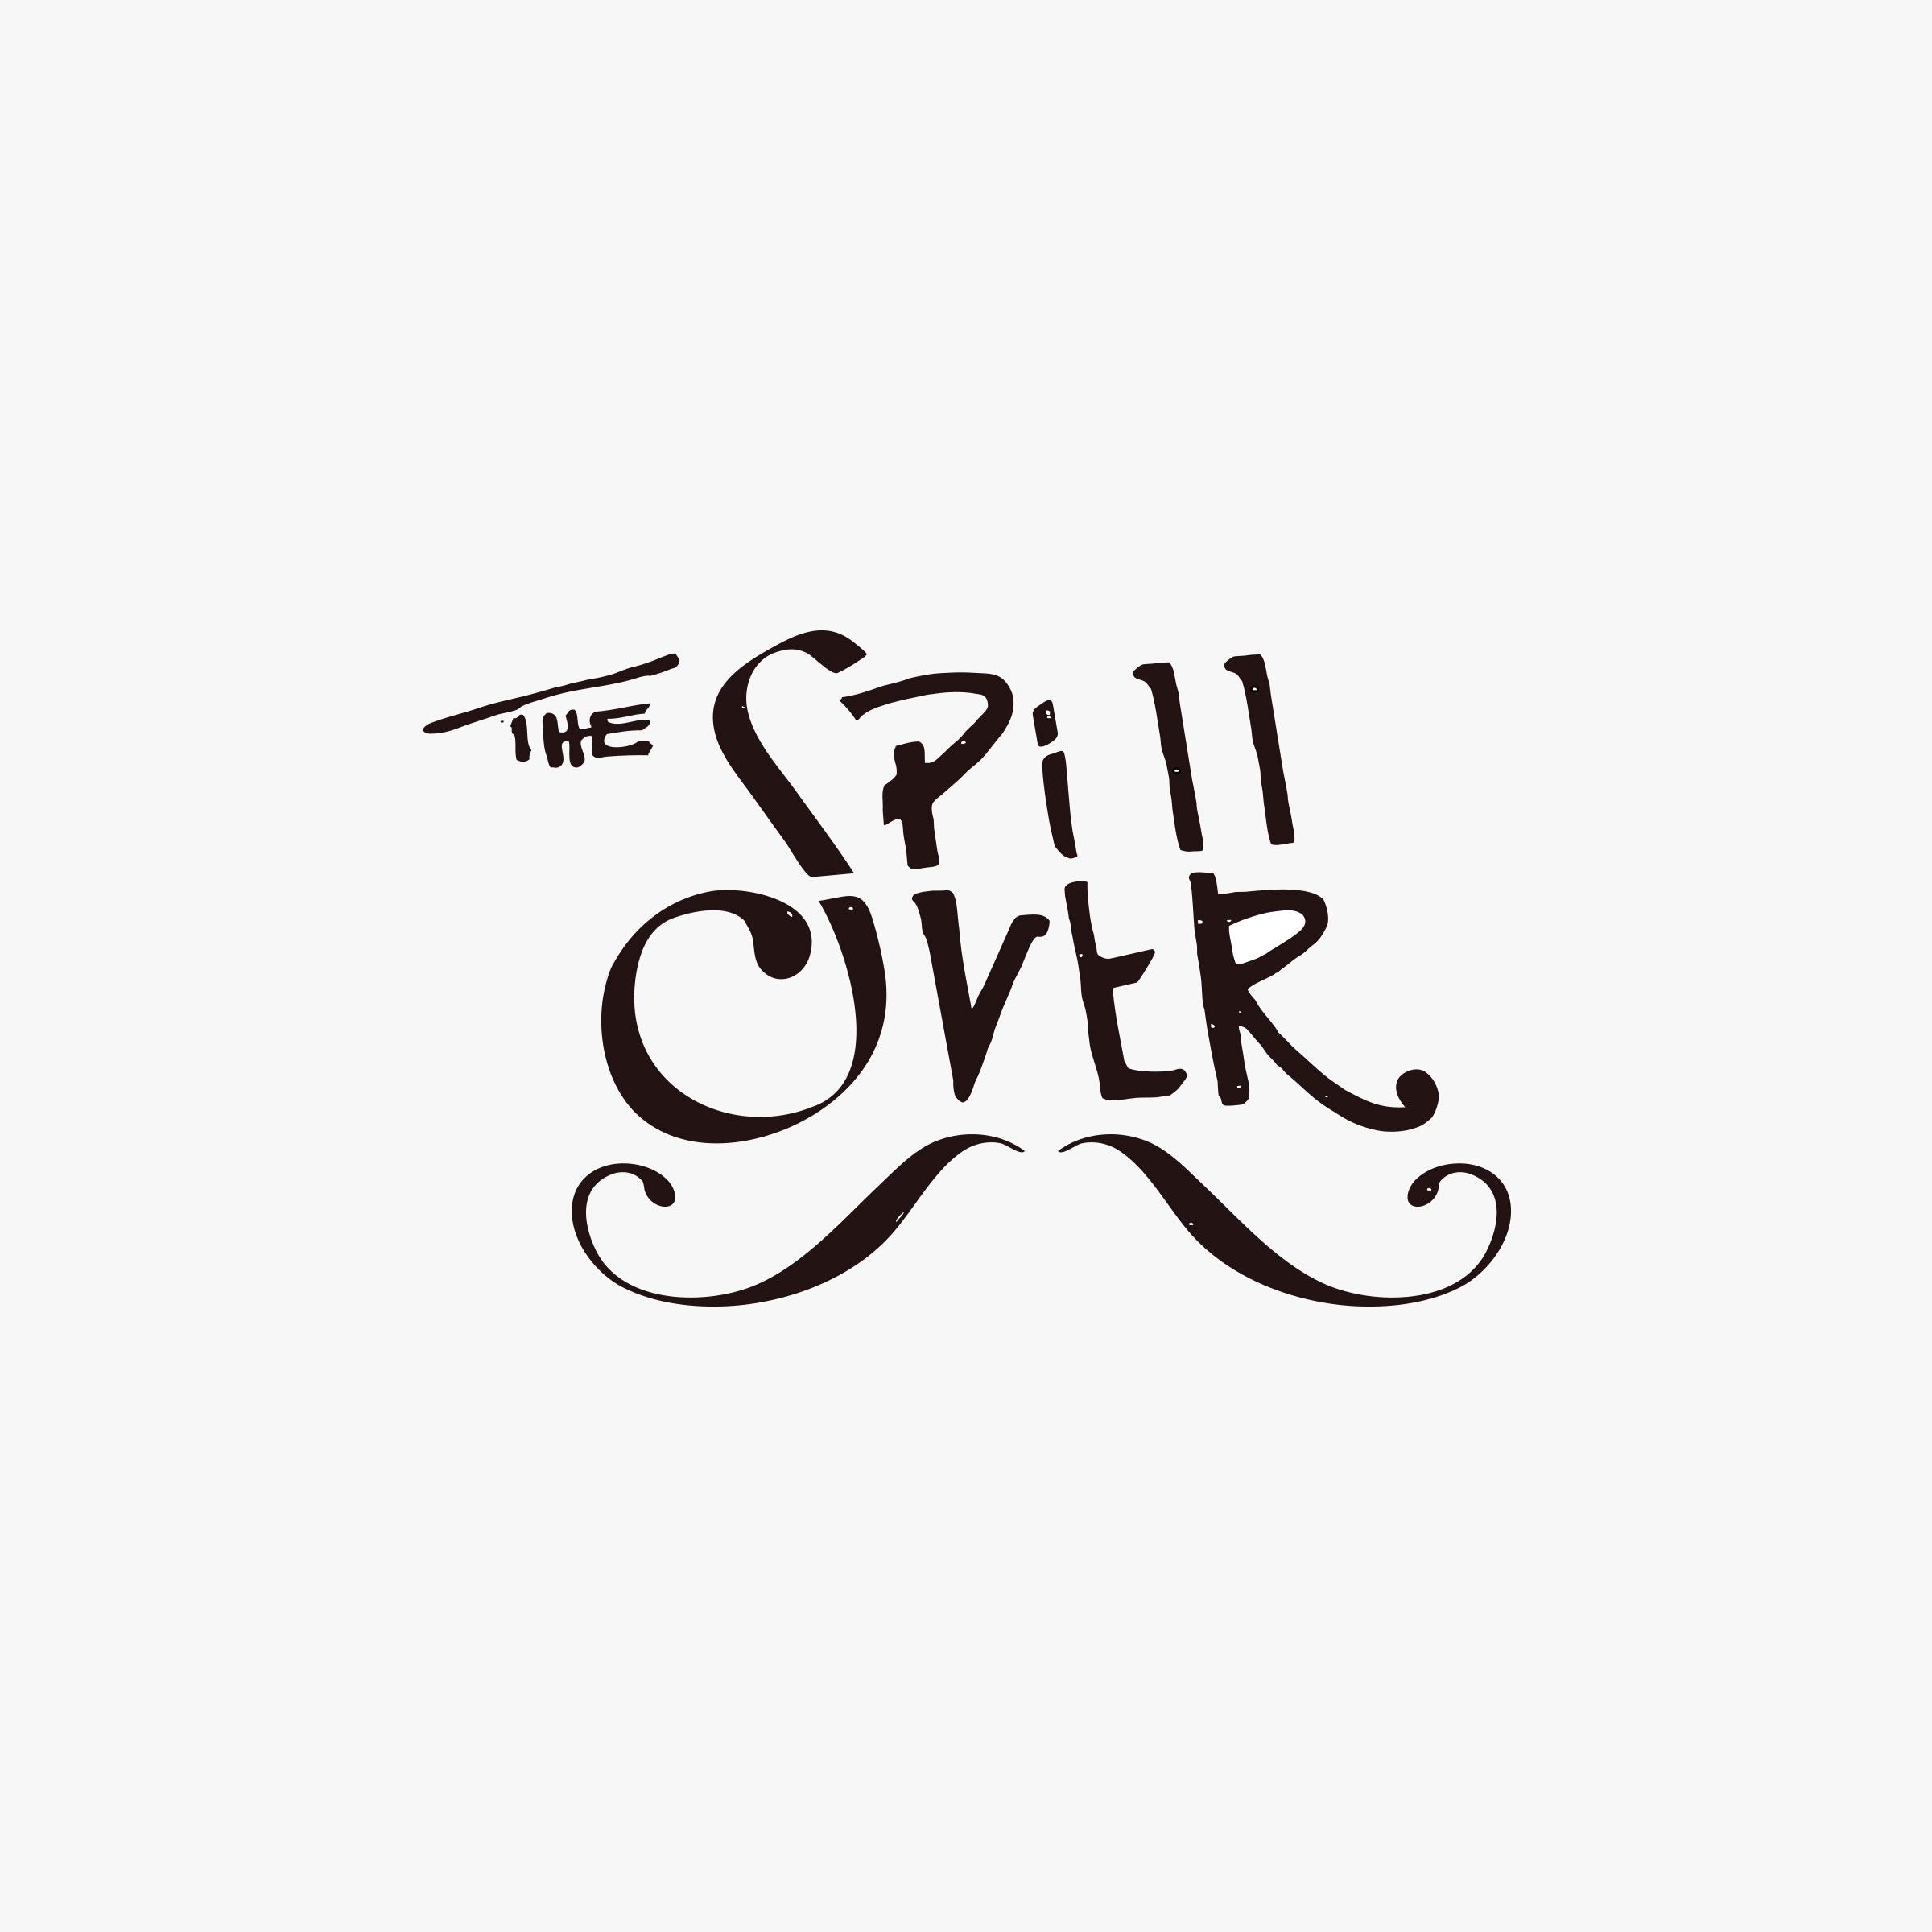 the-spilloverlogo-design-by-create.jpg